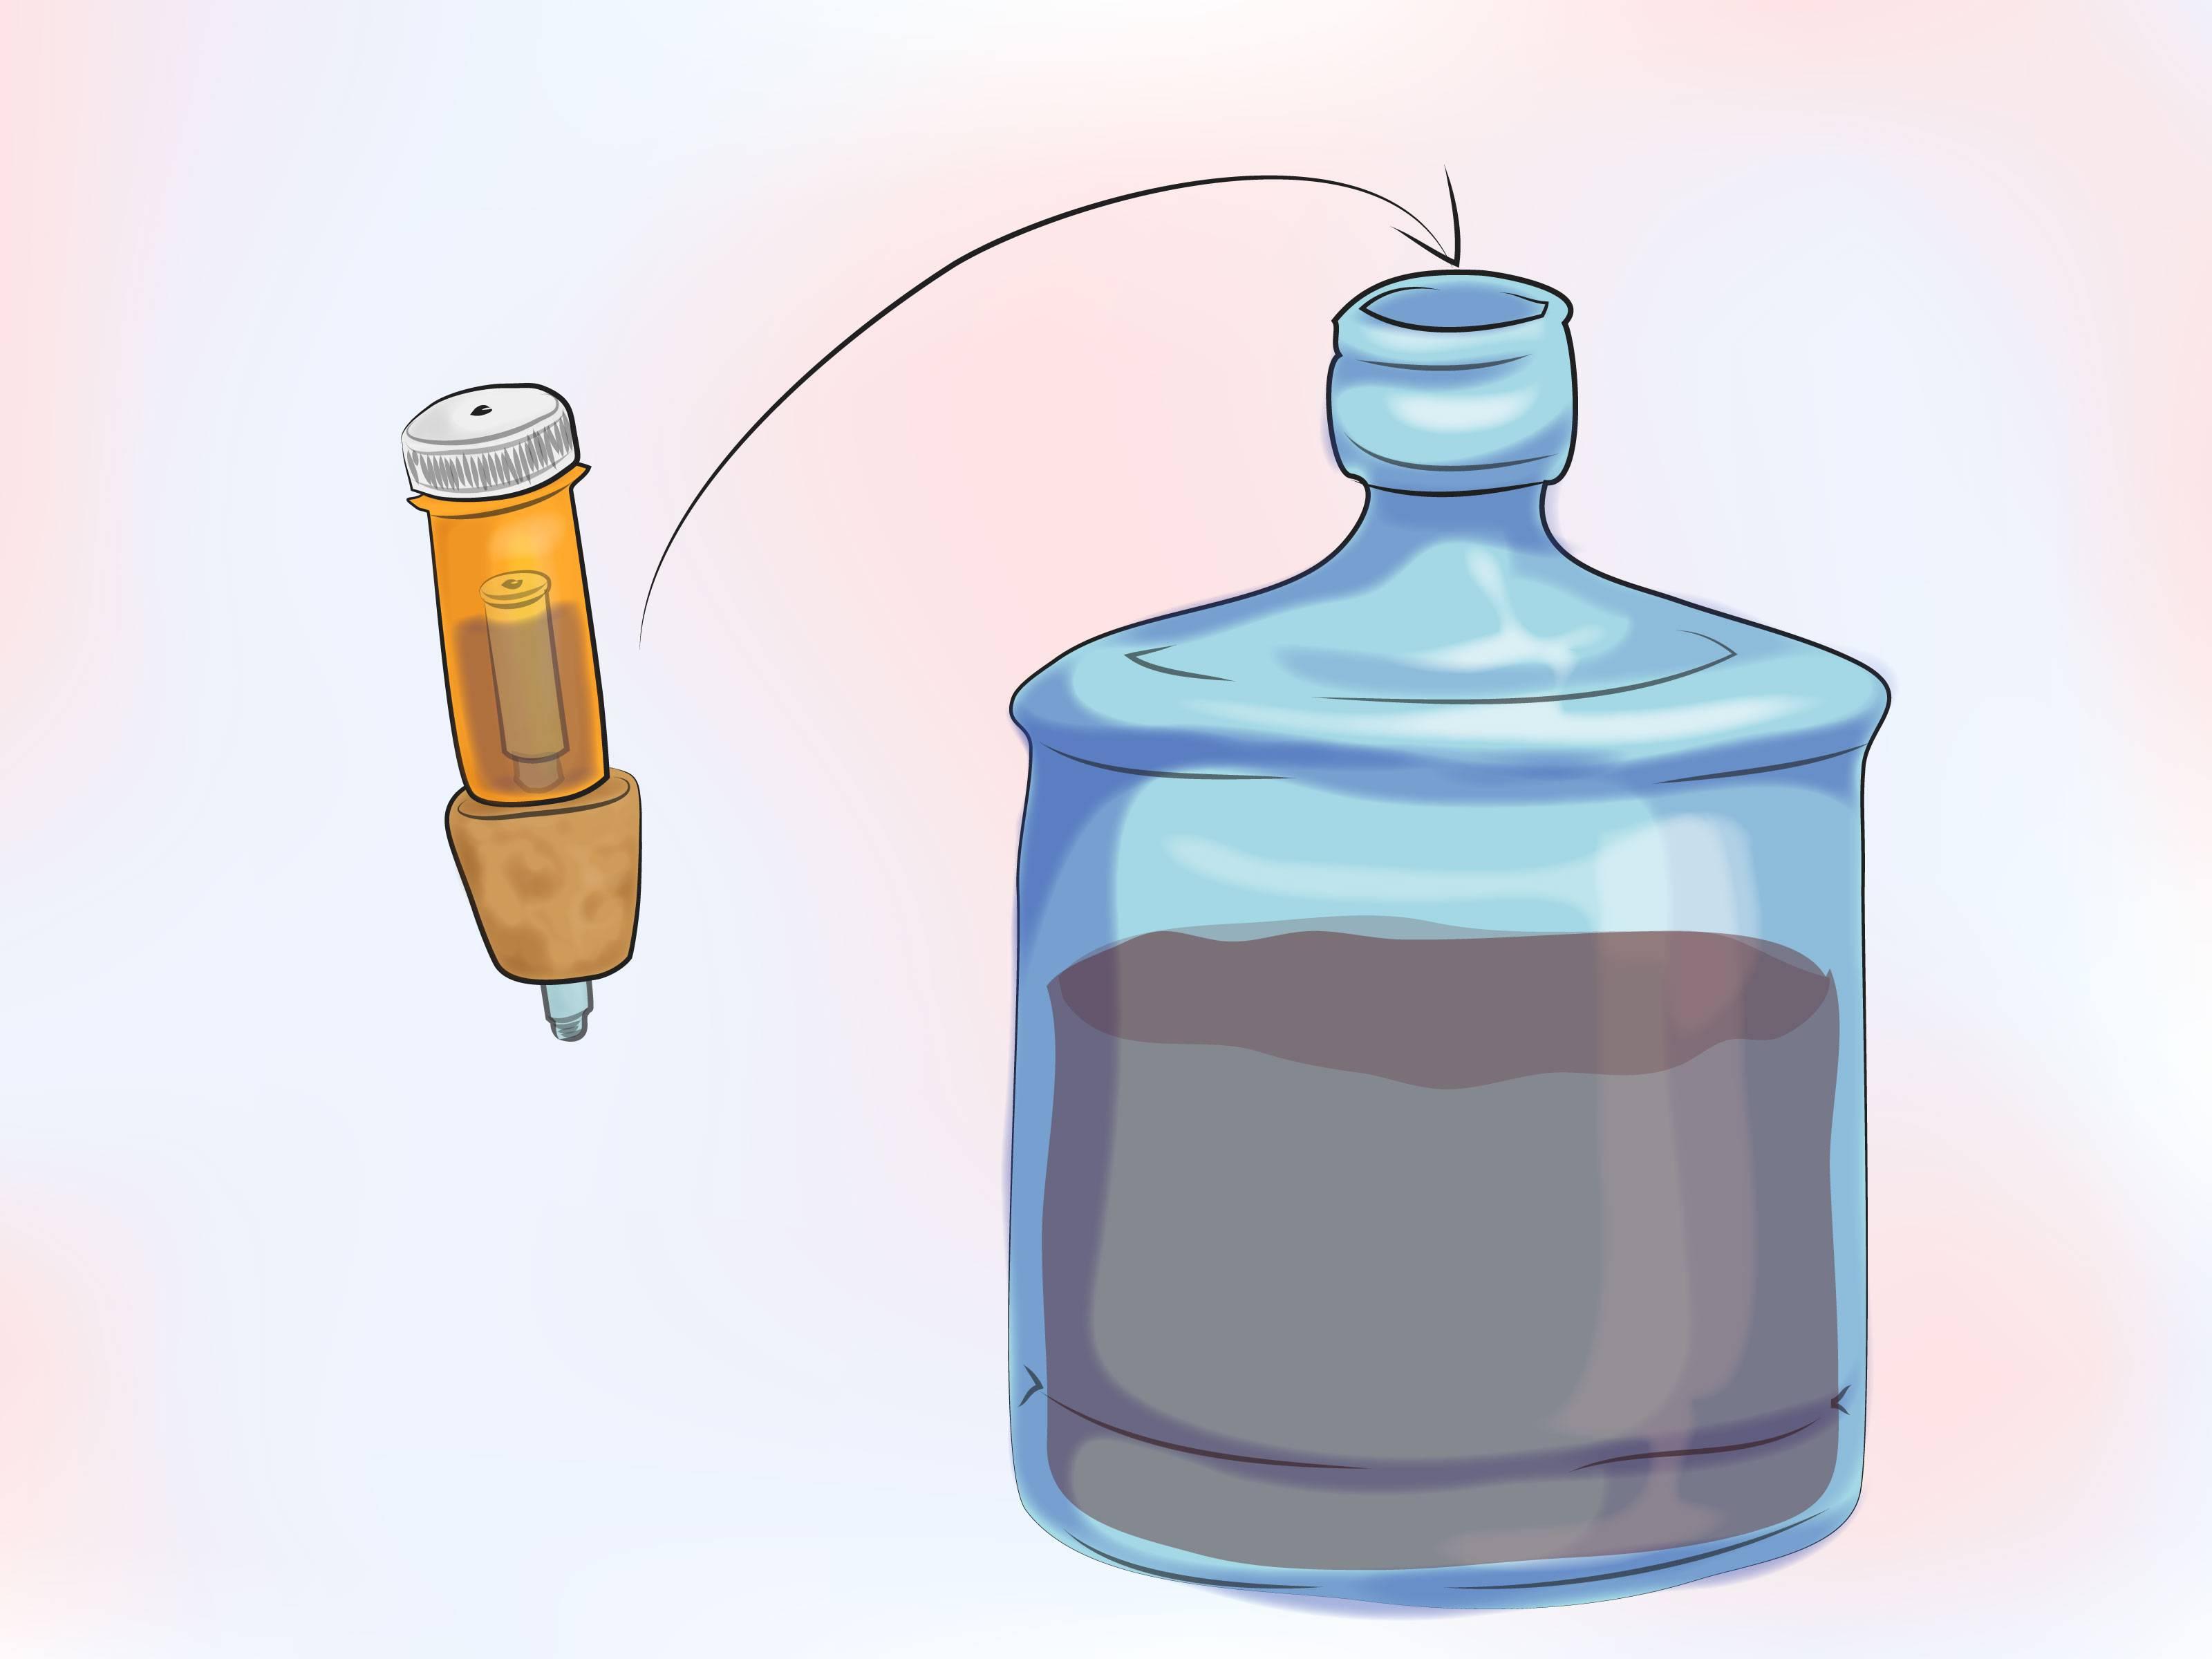 Конструкция гидрозатвора для вина и браги, изготовление из подручных материалов своими руками